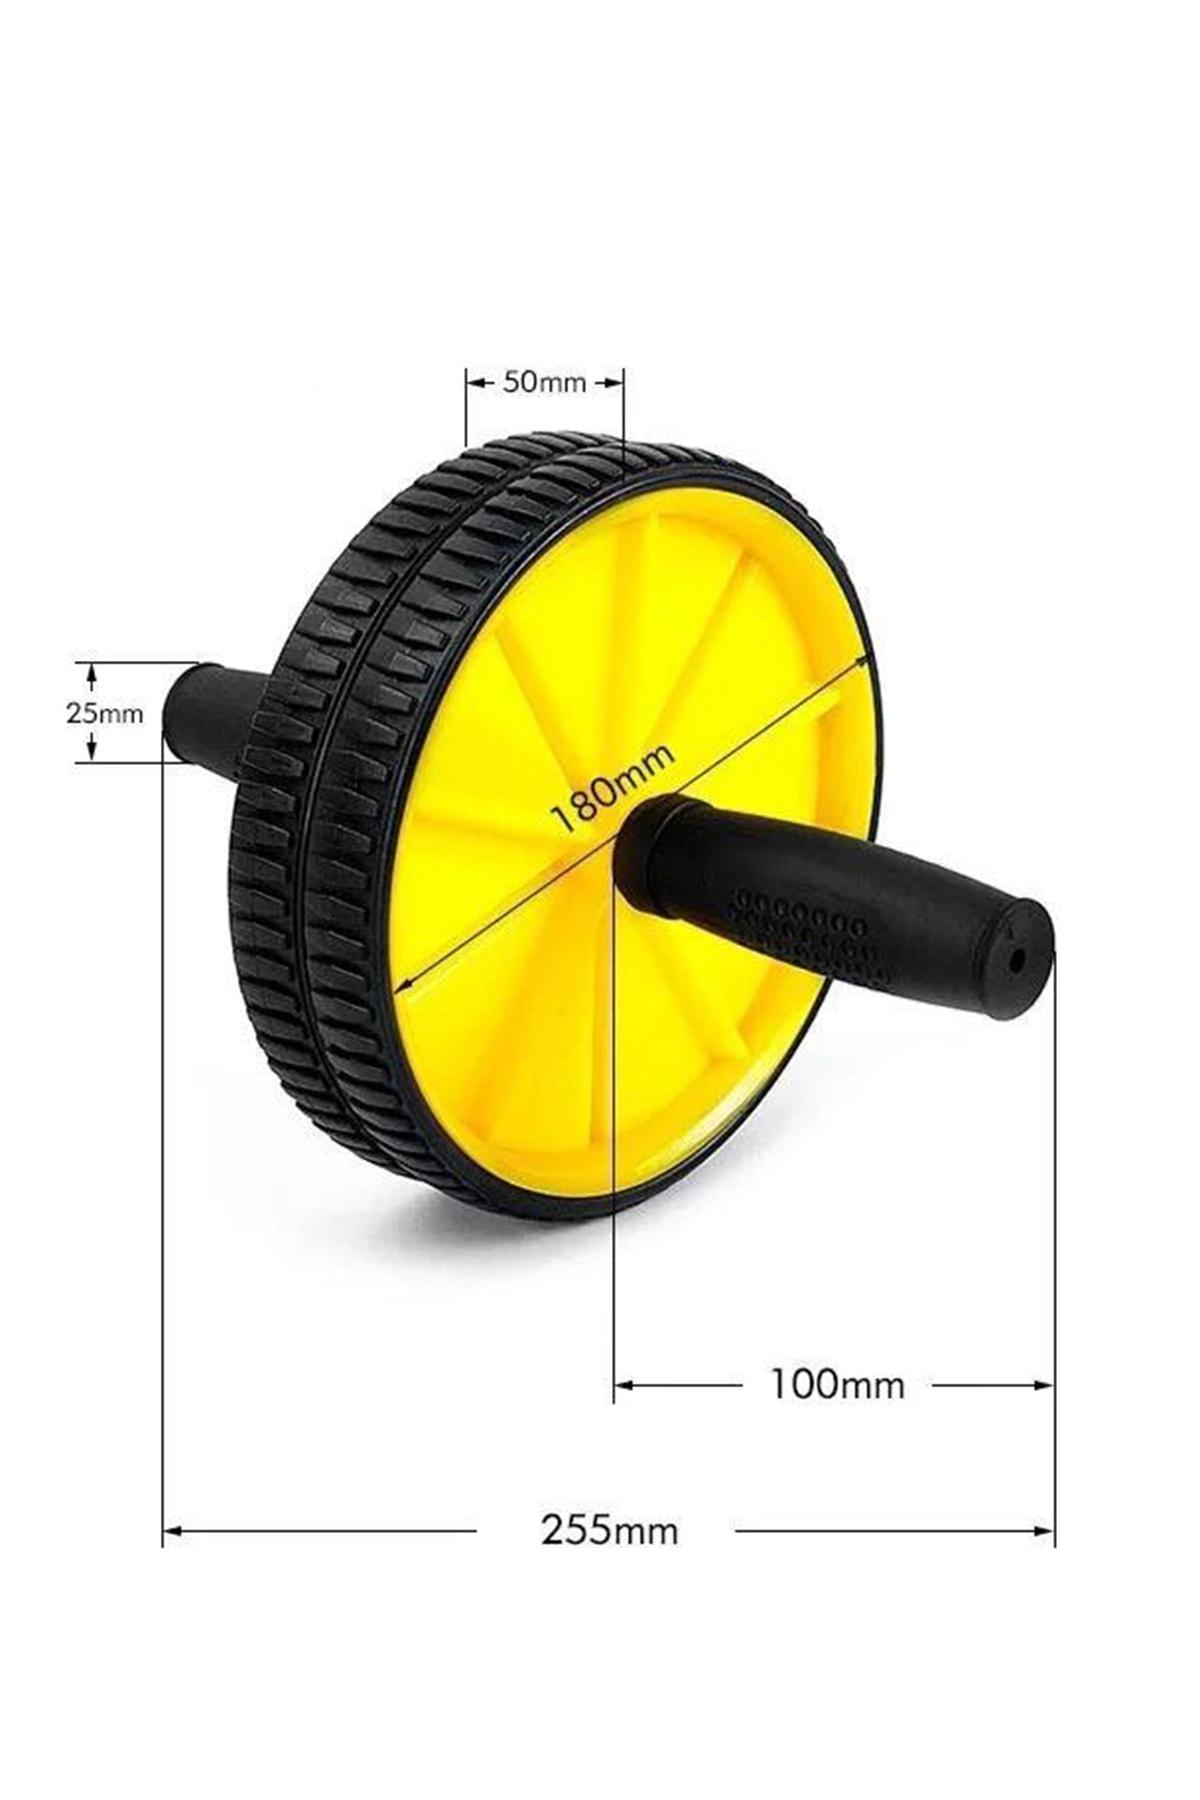 Leyaton Fitness Karın Kası Sixpack Egzersiz Tekeri Spor Aleti Sarı 1